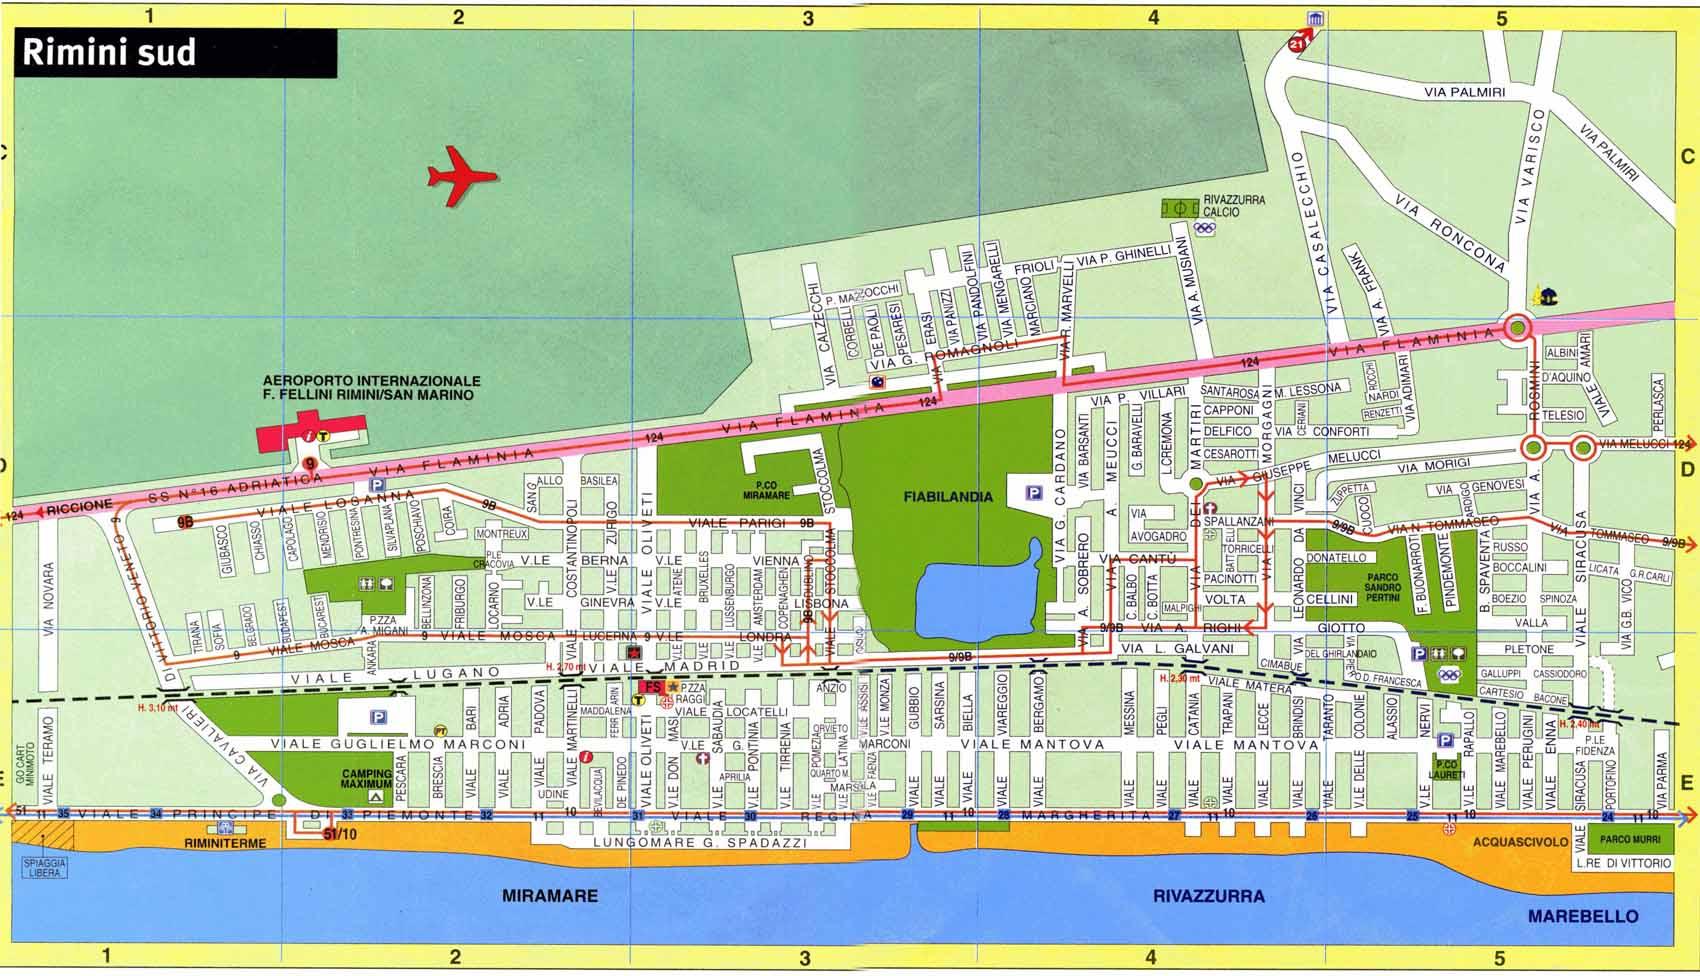 rimini italia mapa Large Rimini Maps for Free Download and Print | High Resolution  rimini italia mapa